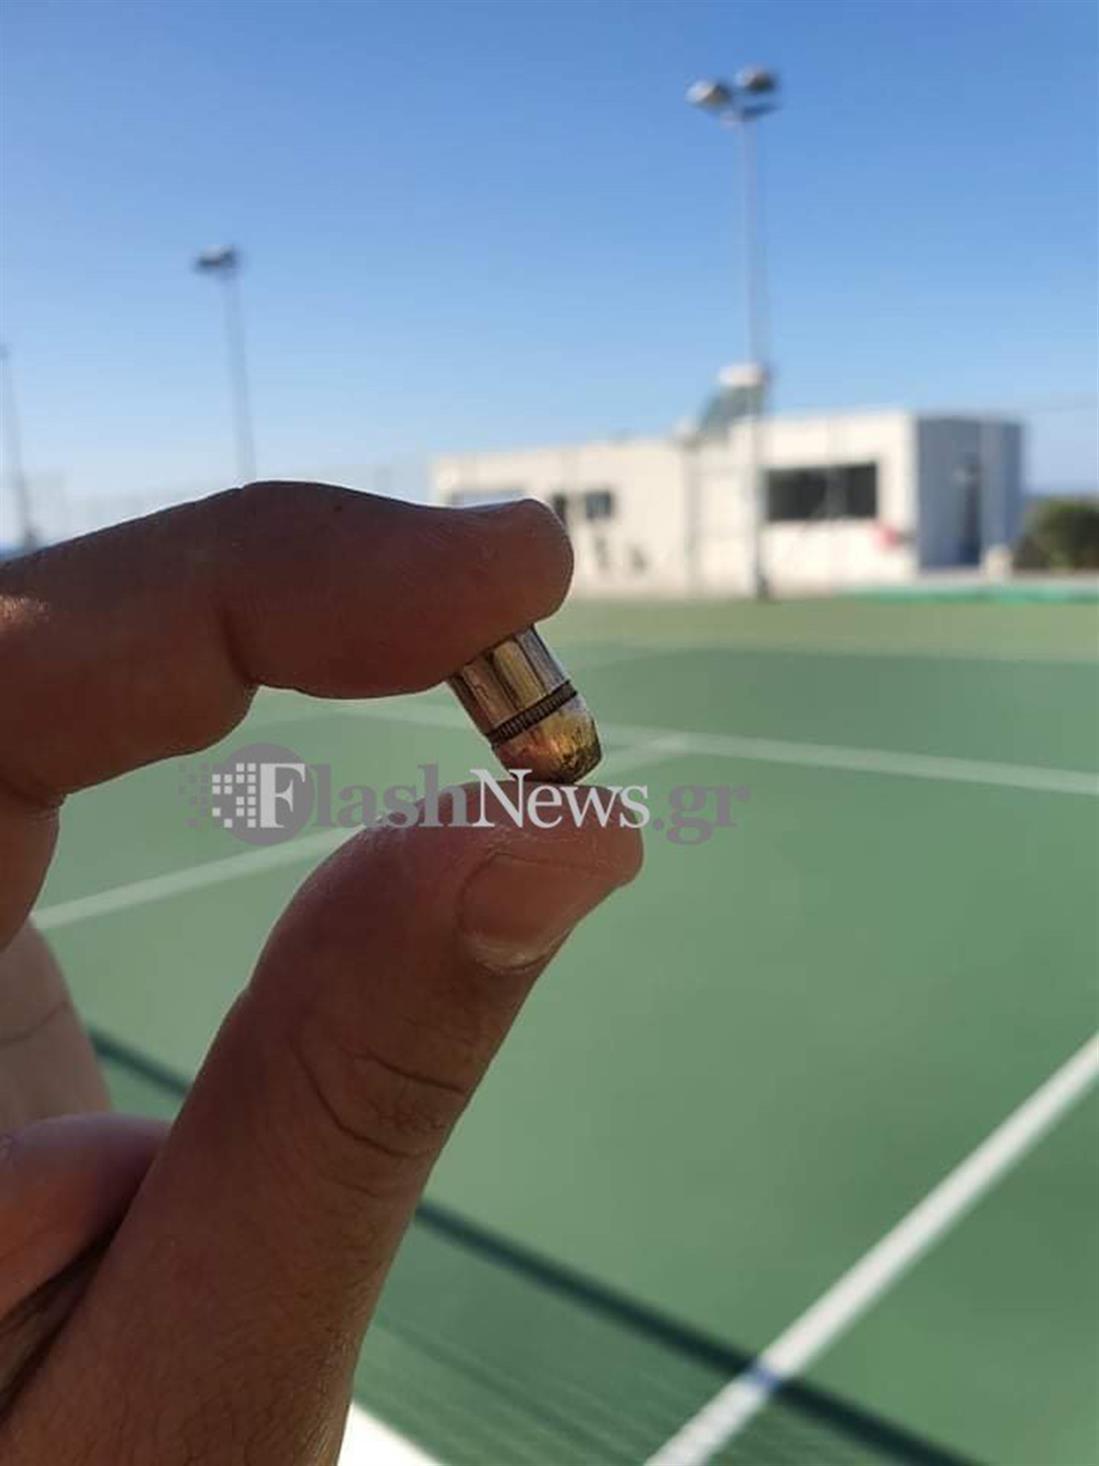 Χανιά - σφαίρα - γήπεδο τένις